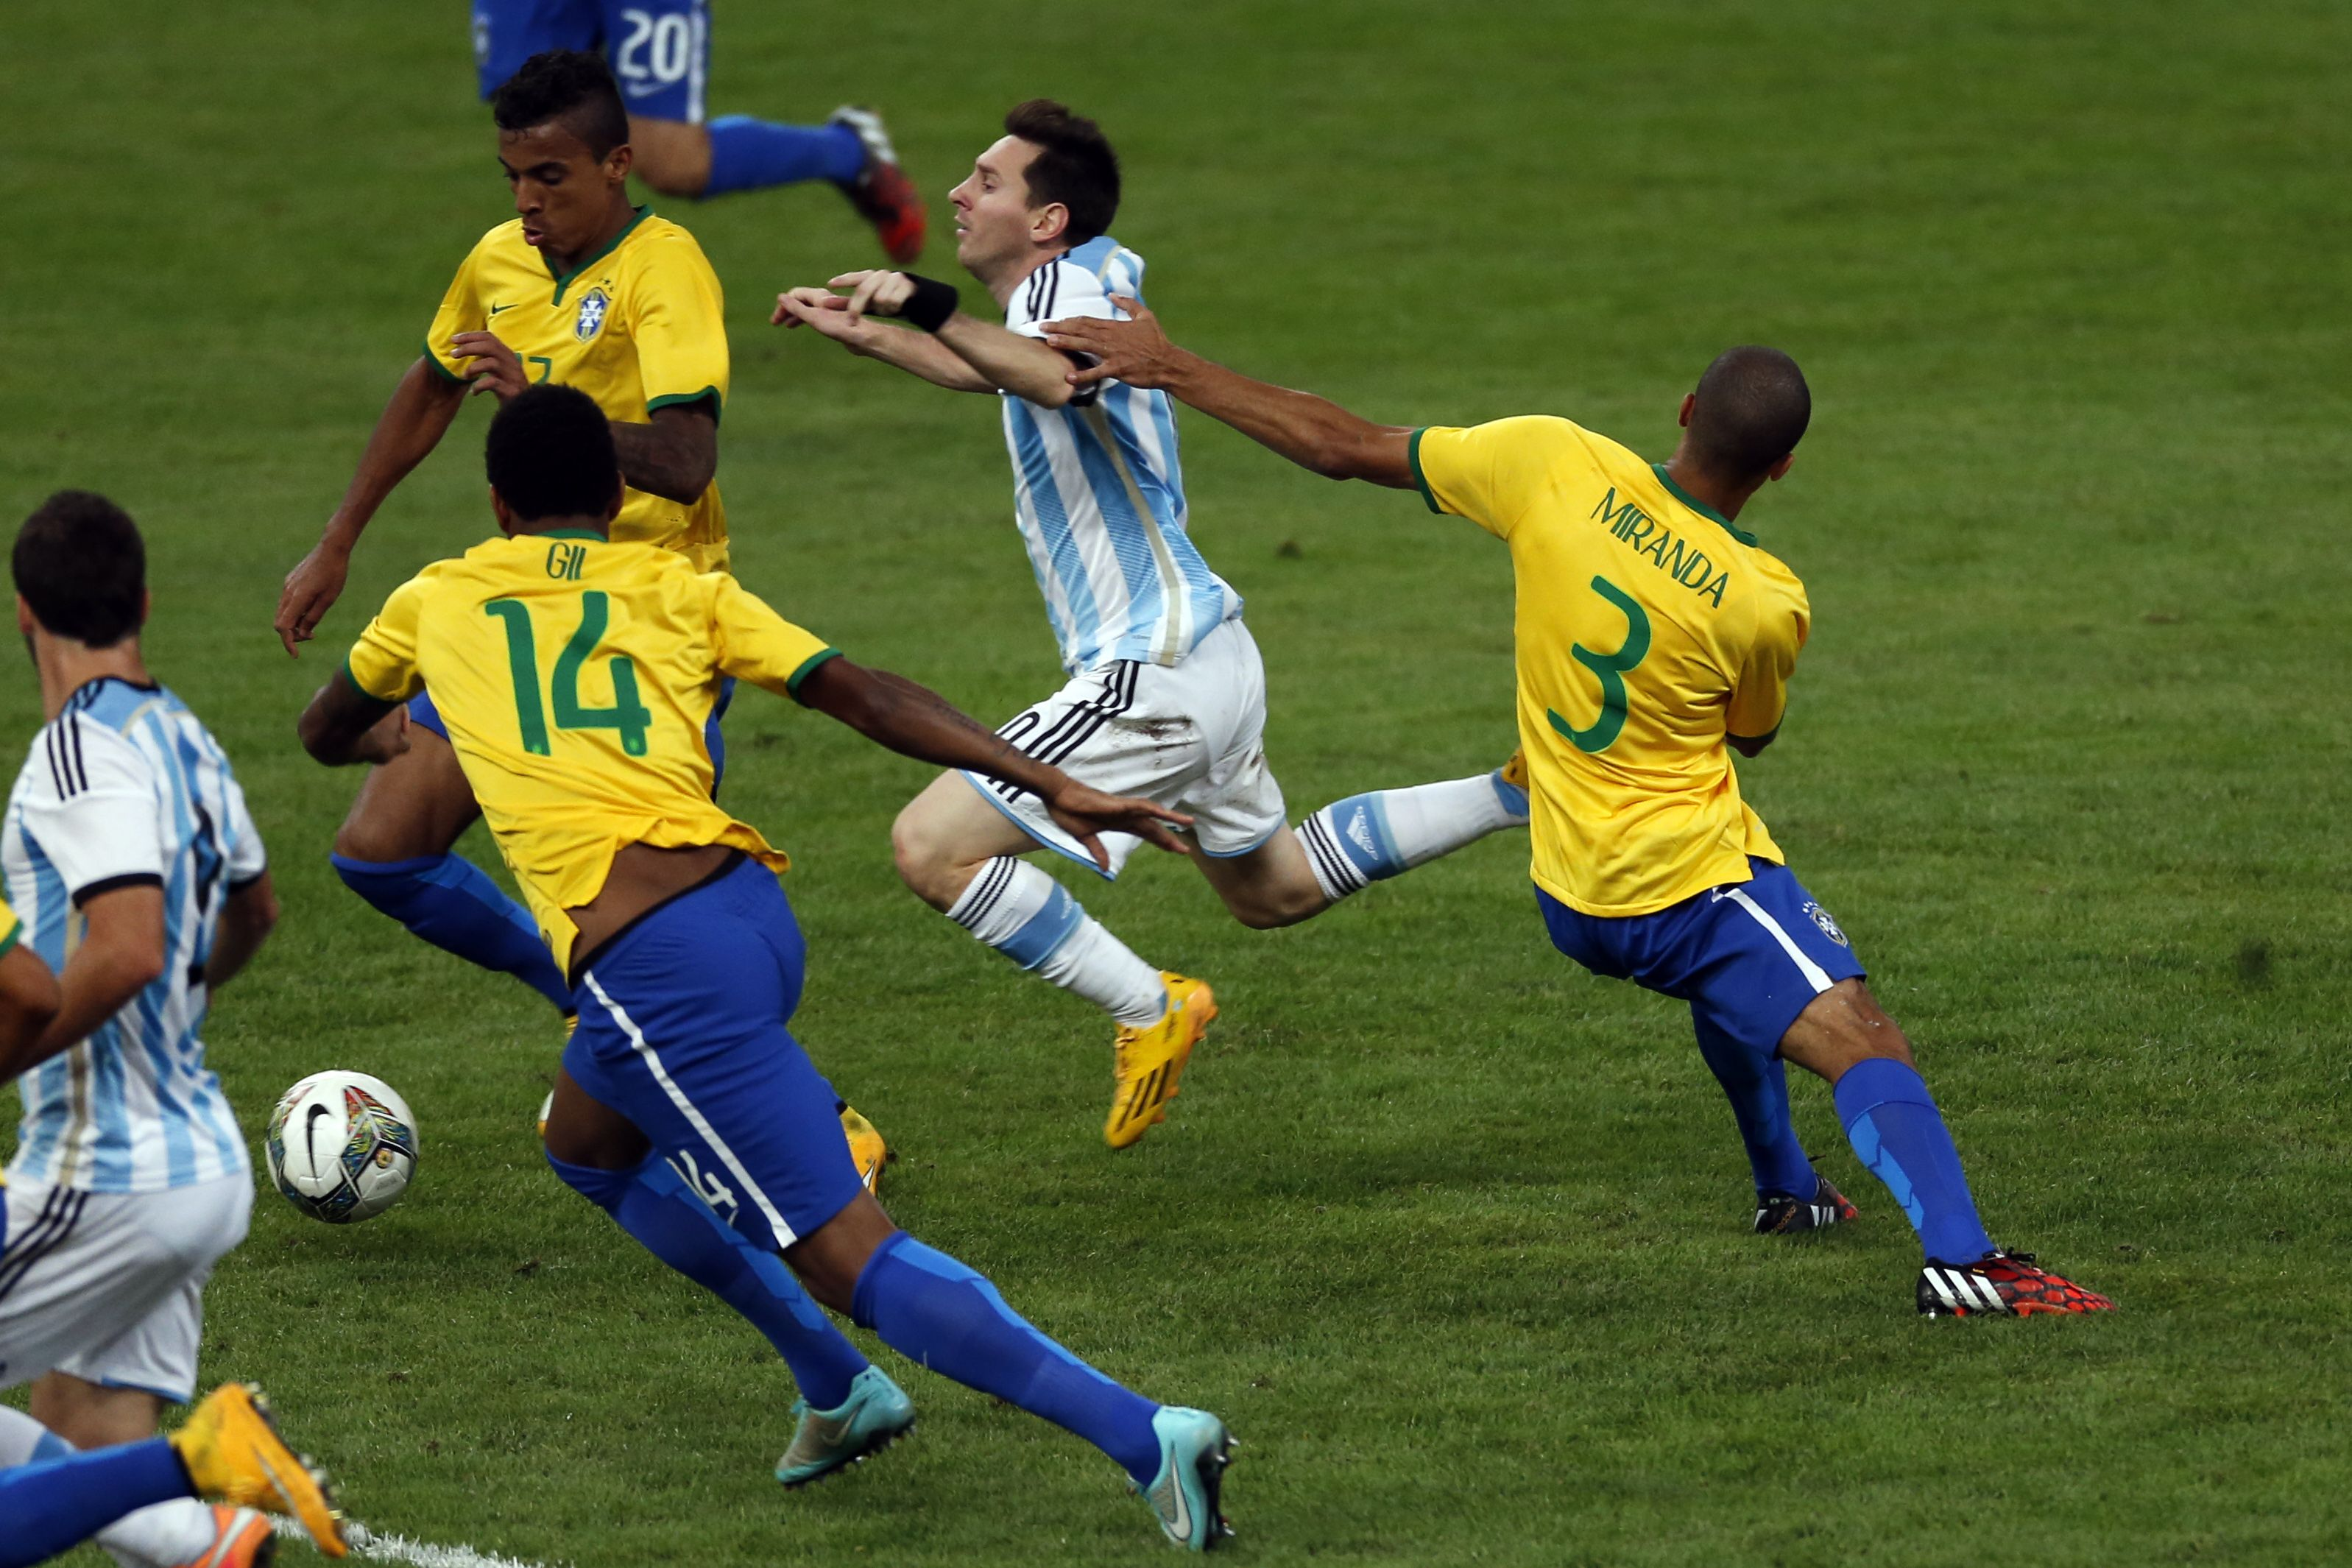 Messi es perseguido por tres jugadores brasileños. Miranda comete la falta. (Foto: Reuters)